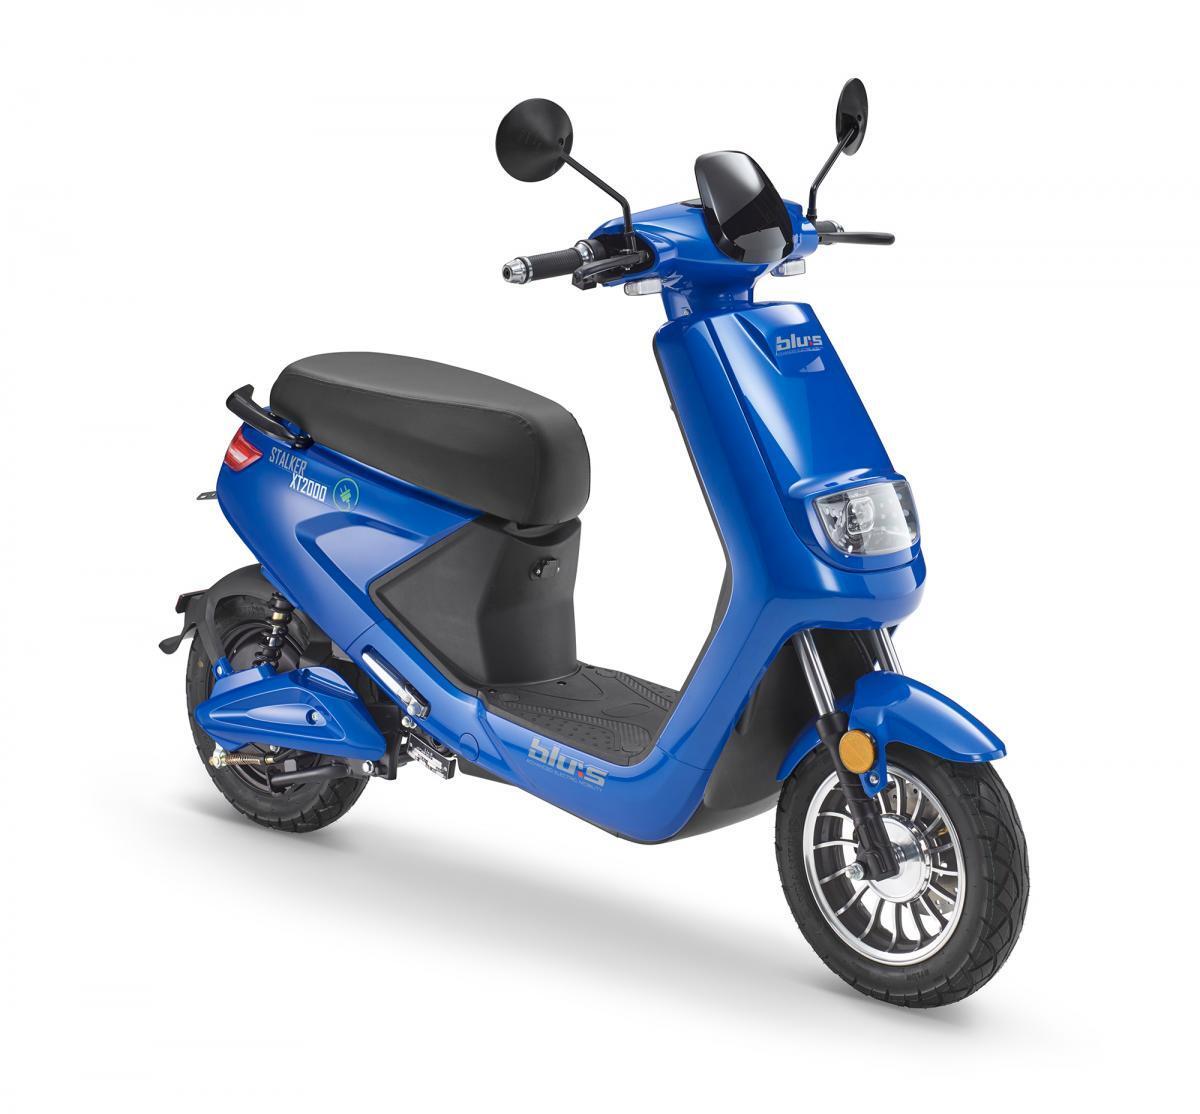 Bild 1 von Blu:s XT2000 Elektroroller STALKER (25km/h), blau